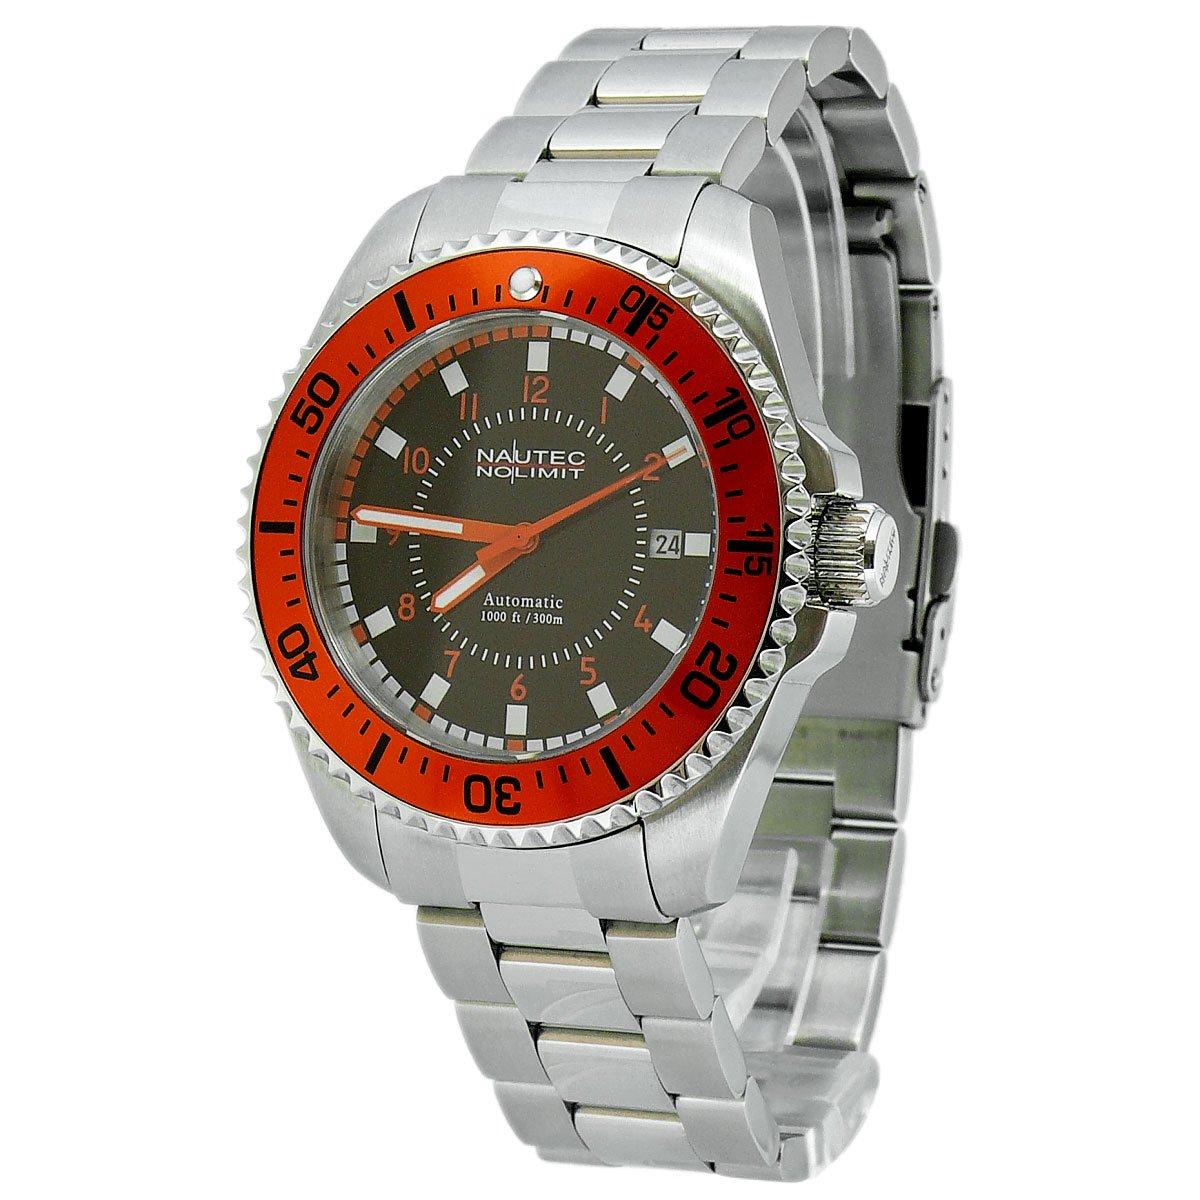 Nautec No Limit Barracuda - Reloj analógico de caballero automático con correa de acero inoxidable plateada